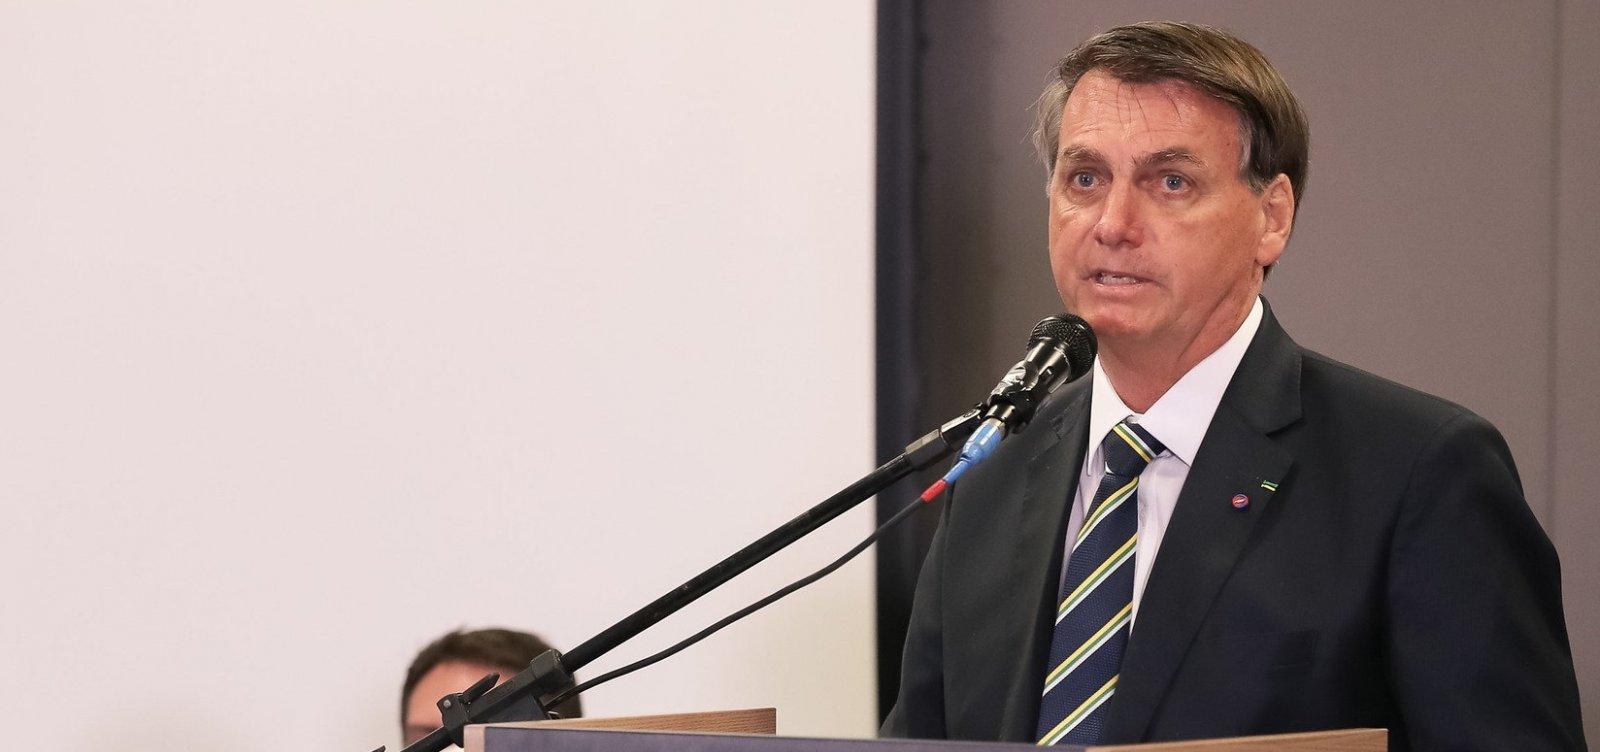 [Em decretos, Bolsonaro é o presidente que menos priorizou benefícios sociais desde Sarney]